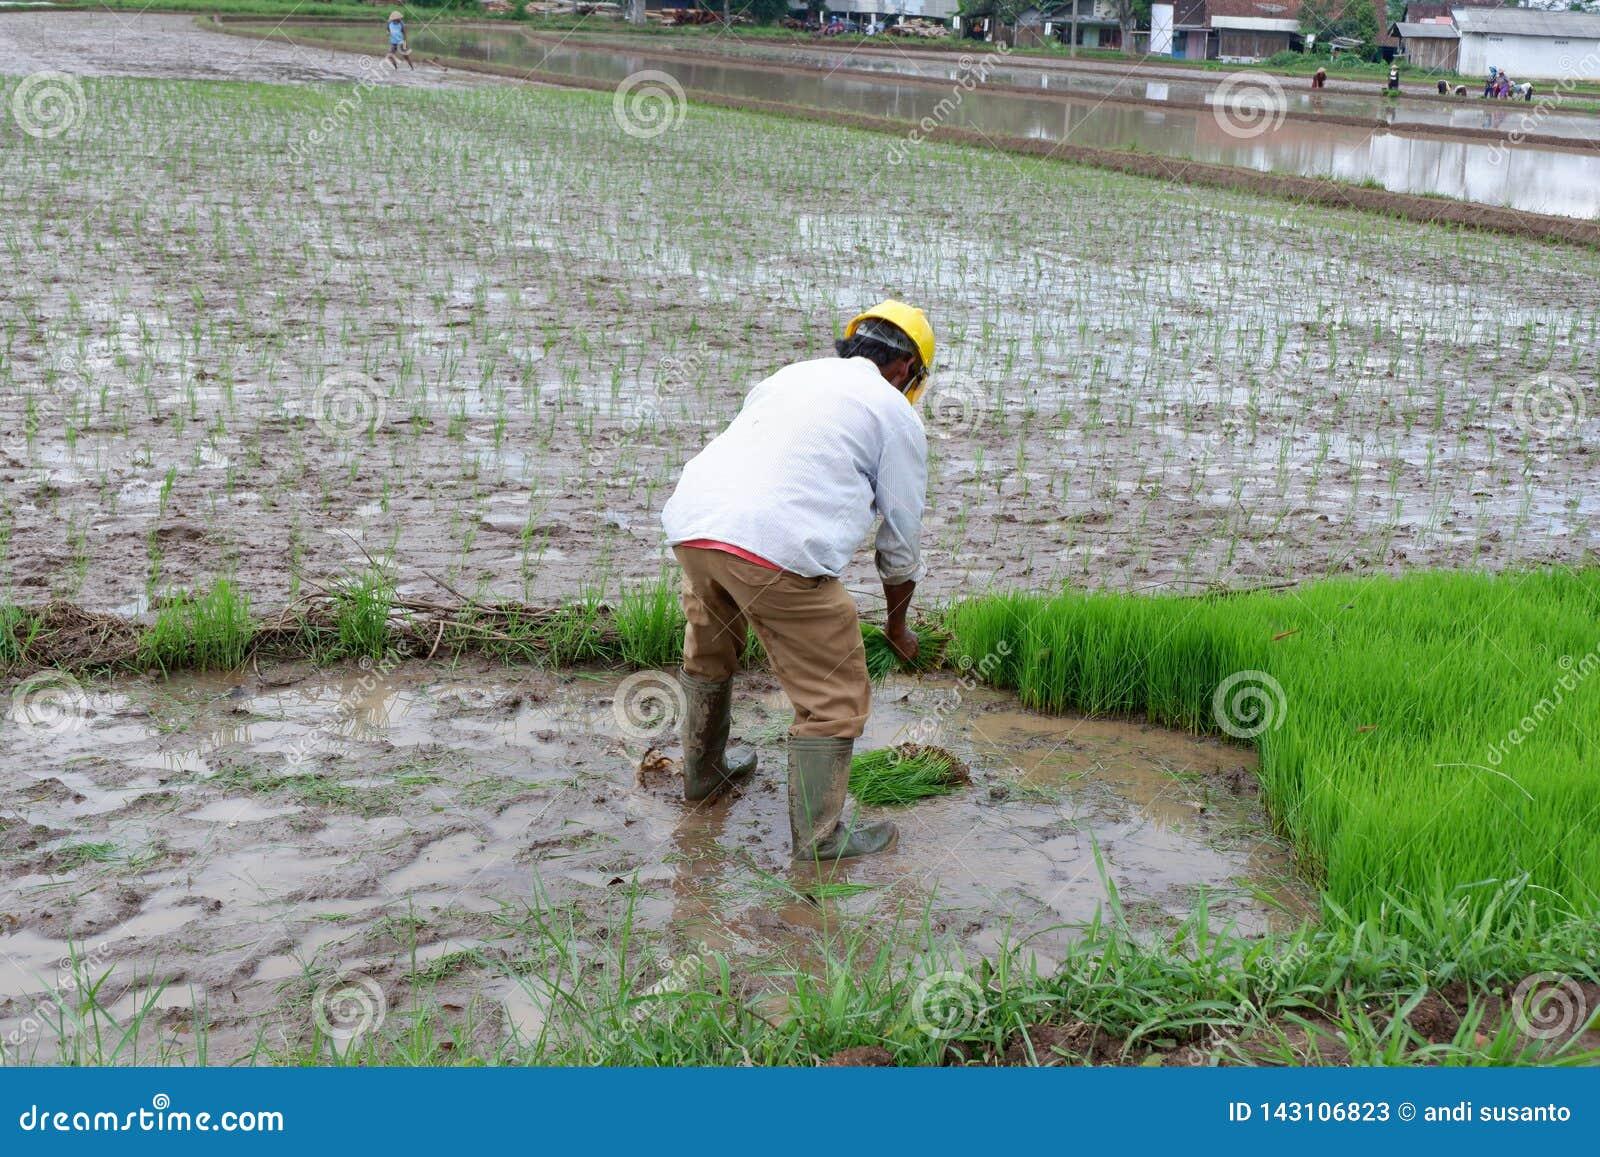 Jemand pflanzt Reis auf den Gebieten